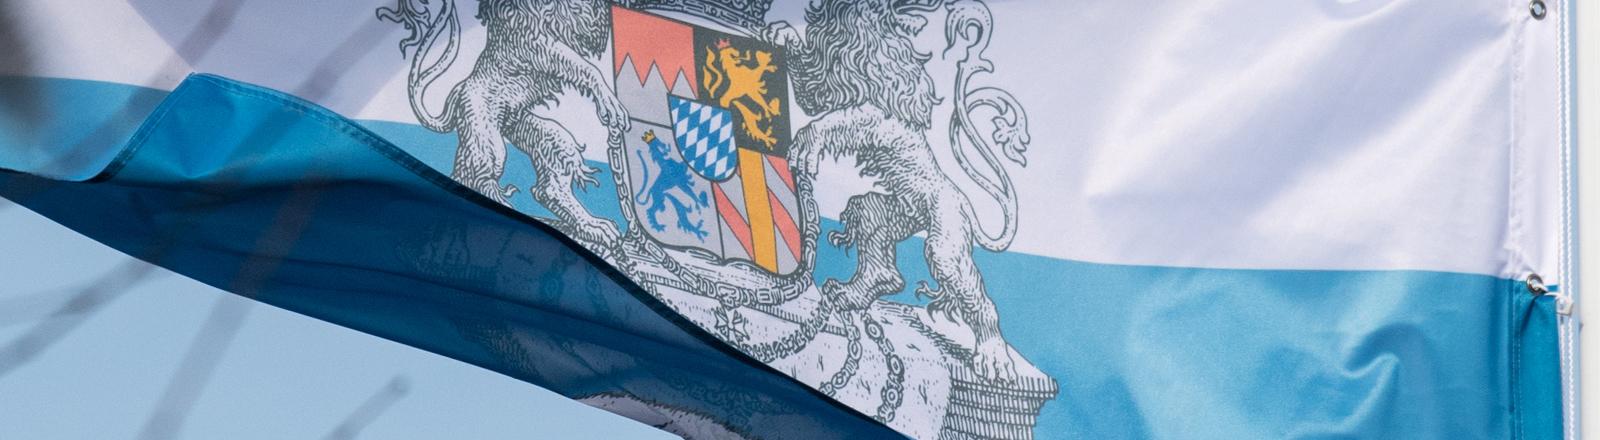 """Eine Flagge mit dem Wappen der Reichsbürgergruppierung vom """"Bundesstaat Bayern"""" weht am 07.02.2017 auf einem Wohnhaus in Pliening"""